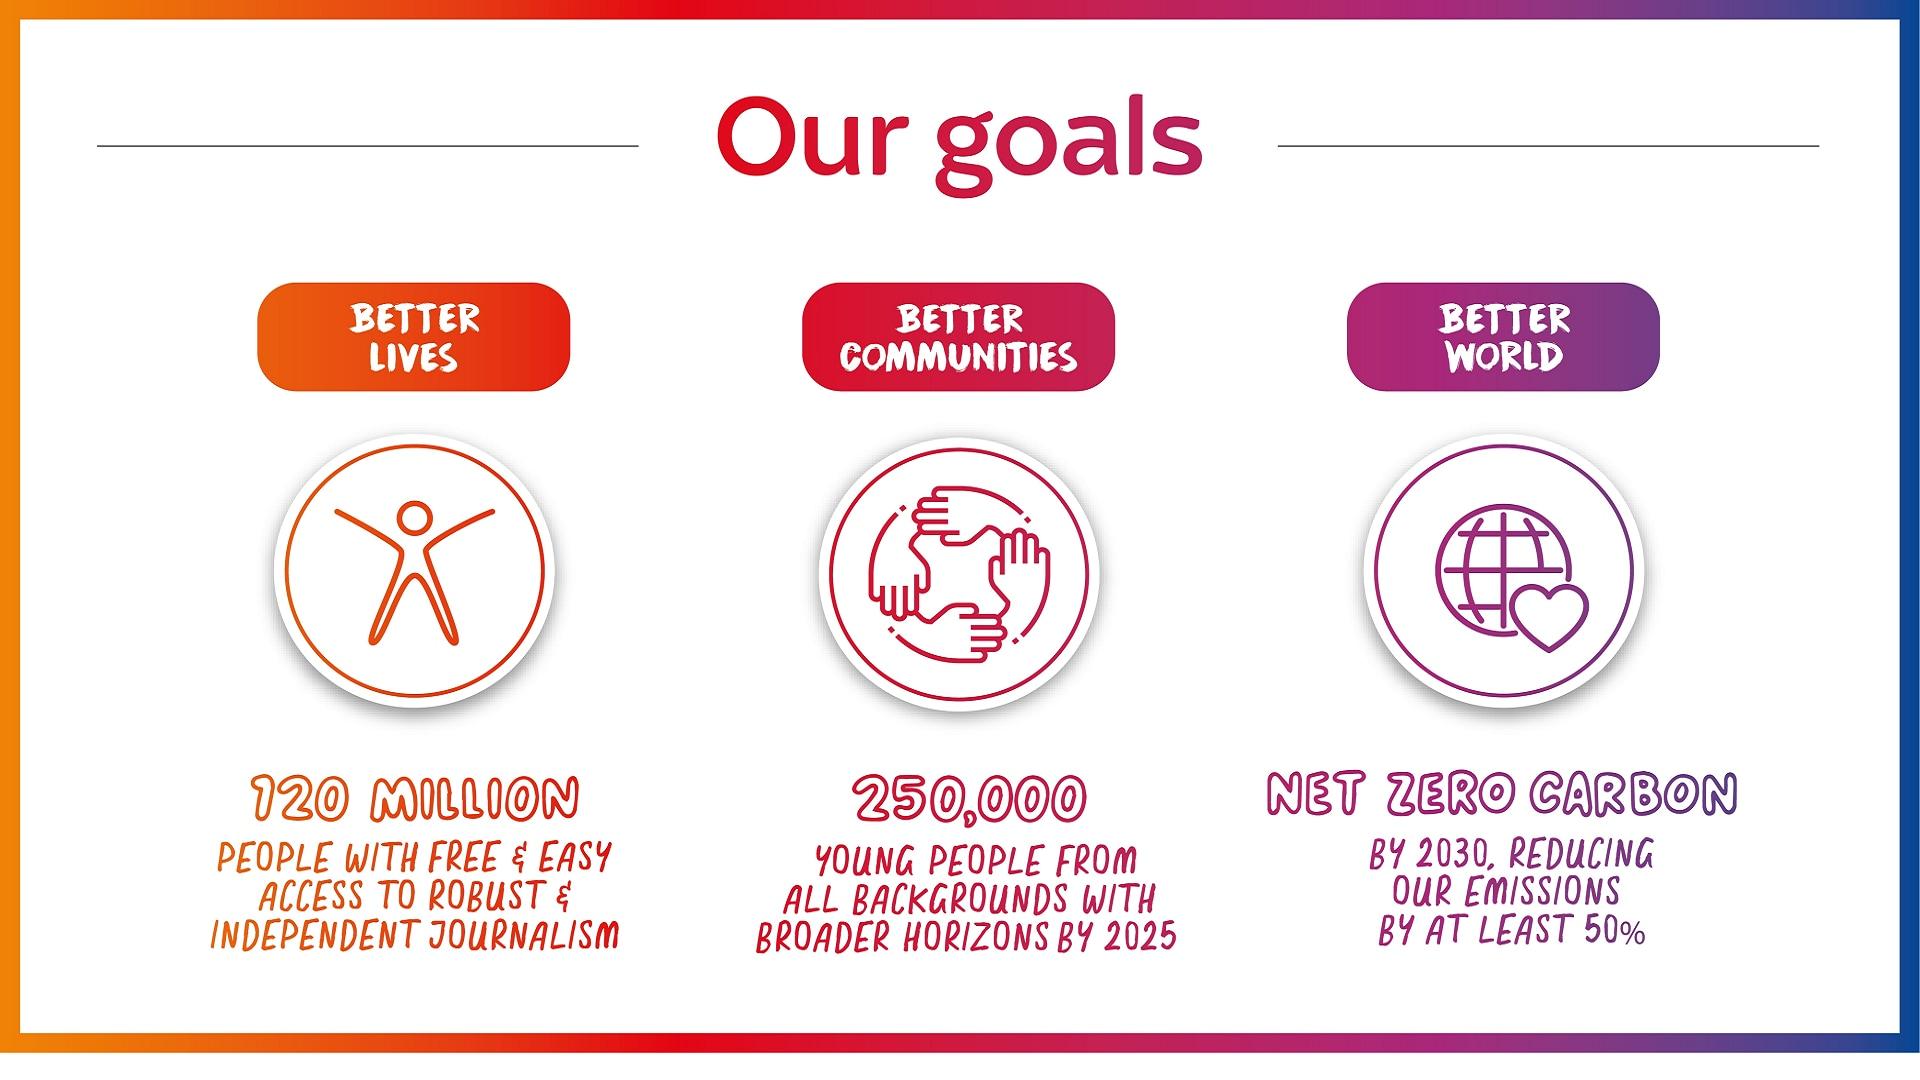 Our Goals , Better lives, Better Communities, Better World